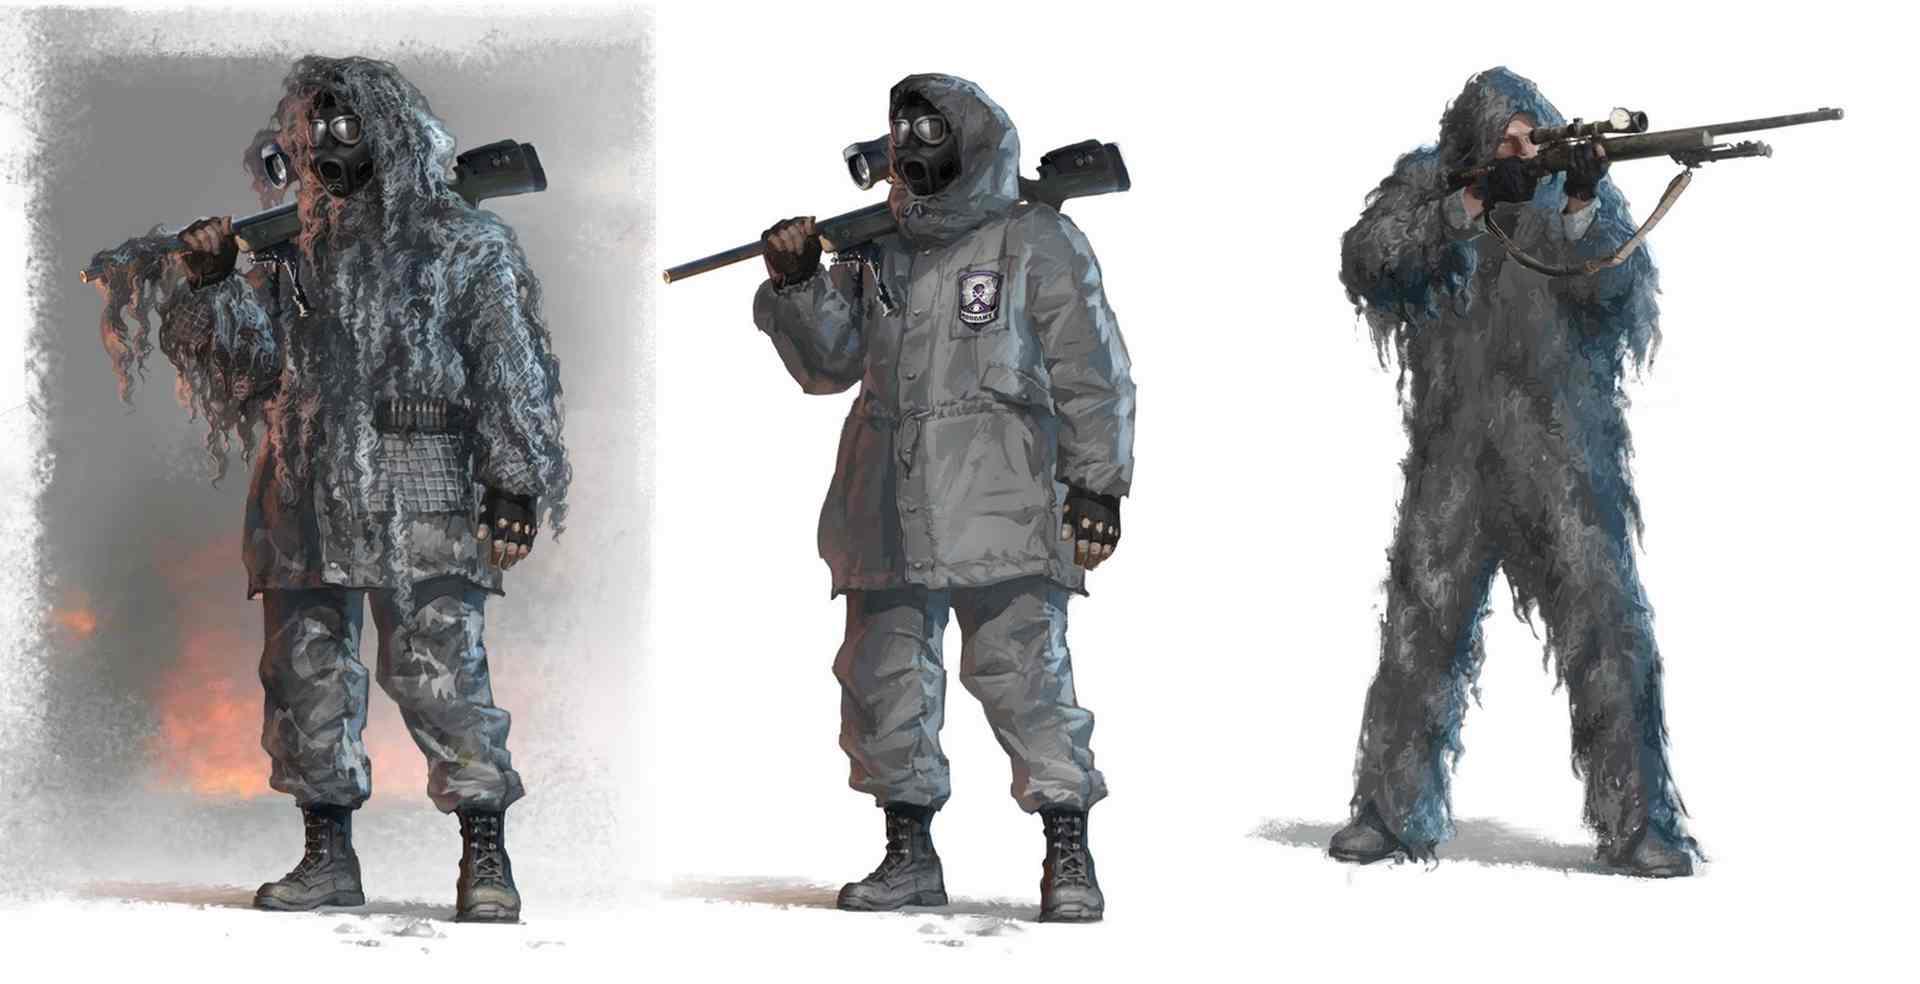 stalker 2 concept